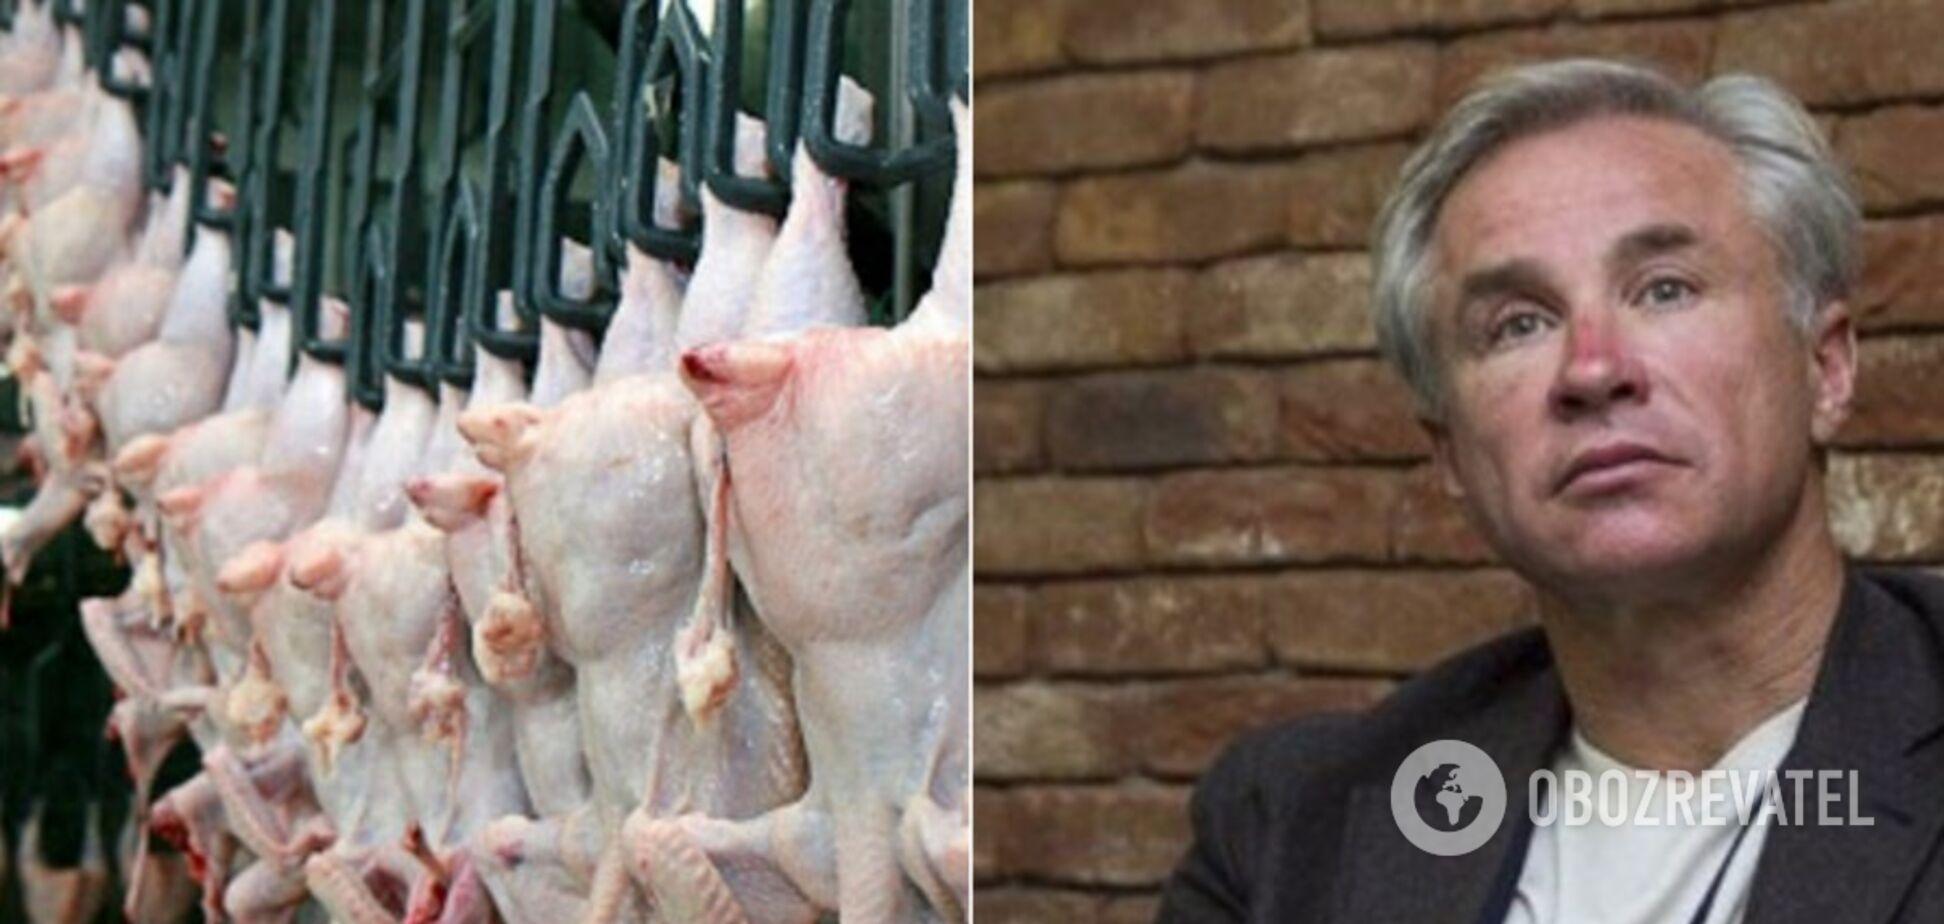 Антимонопольний комітет пригрозив МХП через створення штучного дефіциту курятини